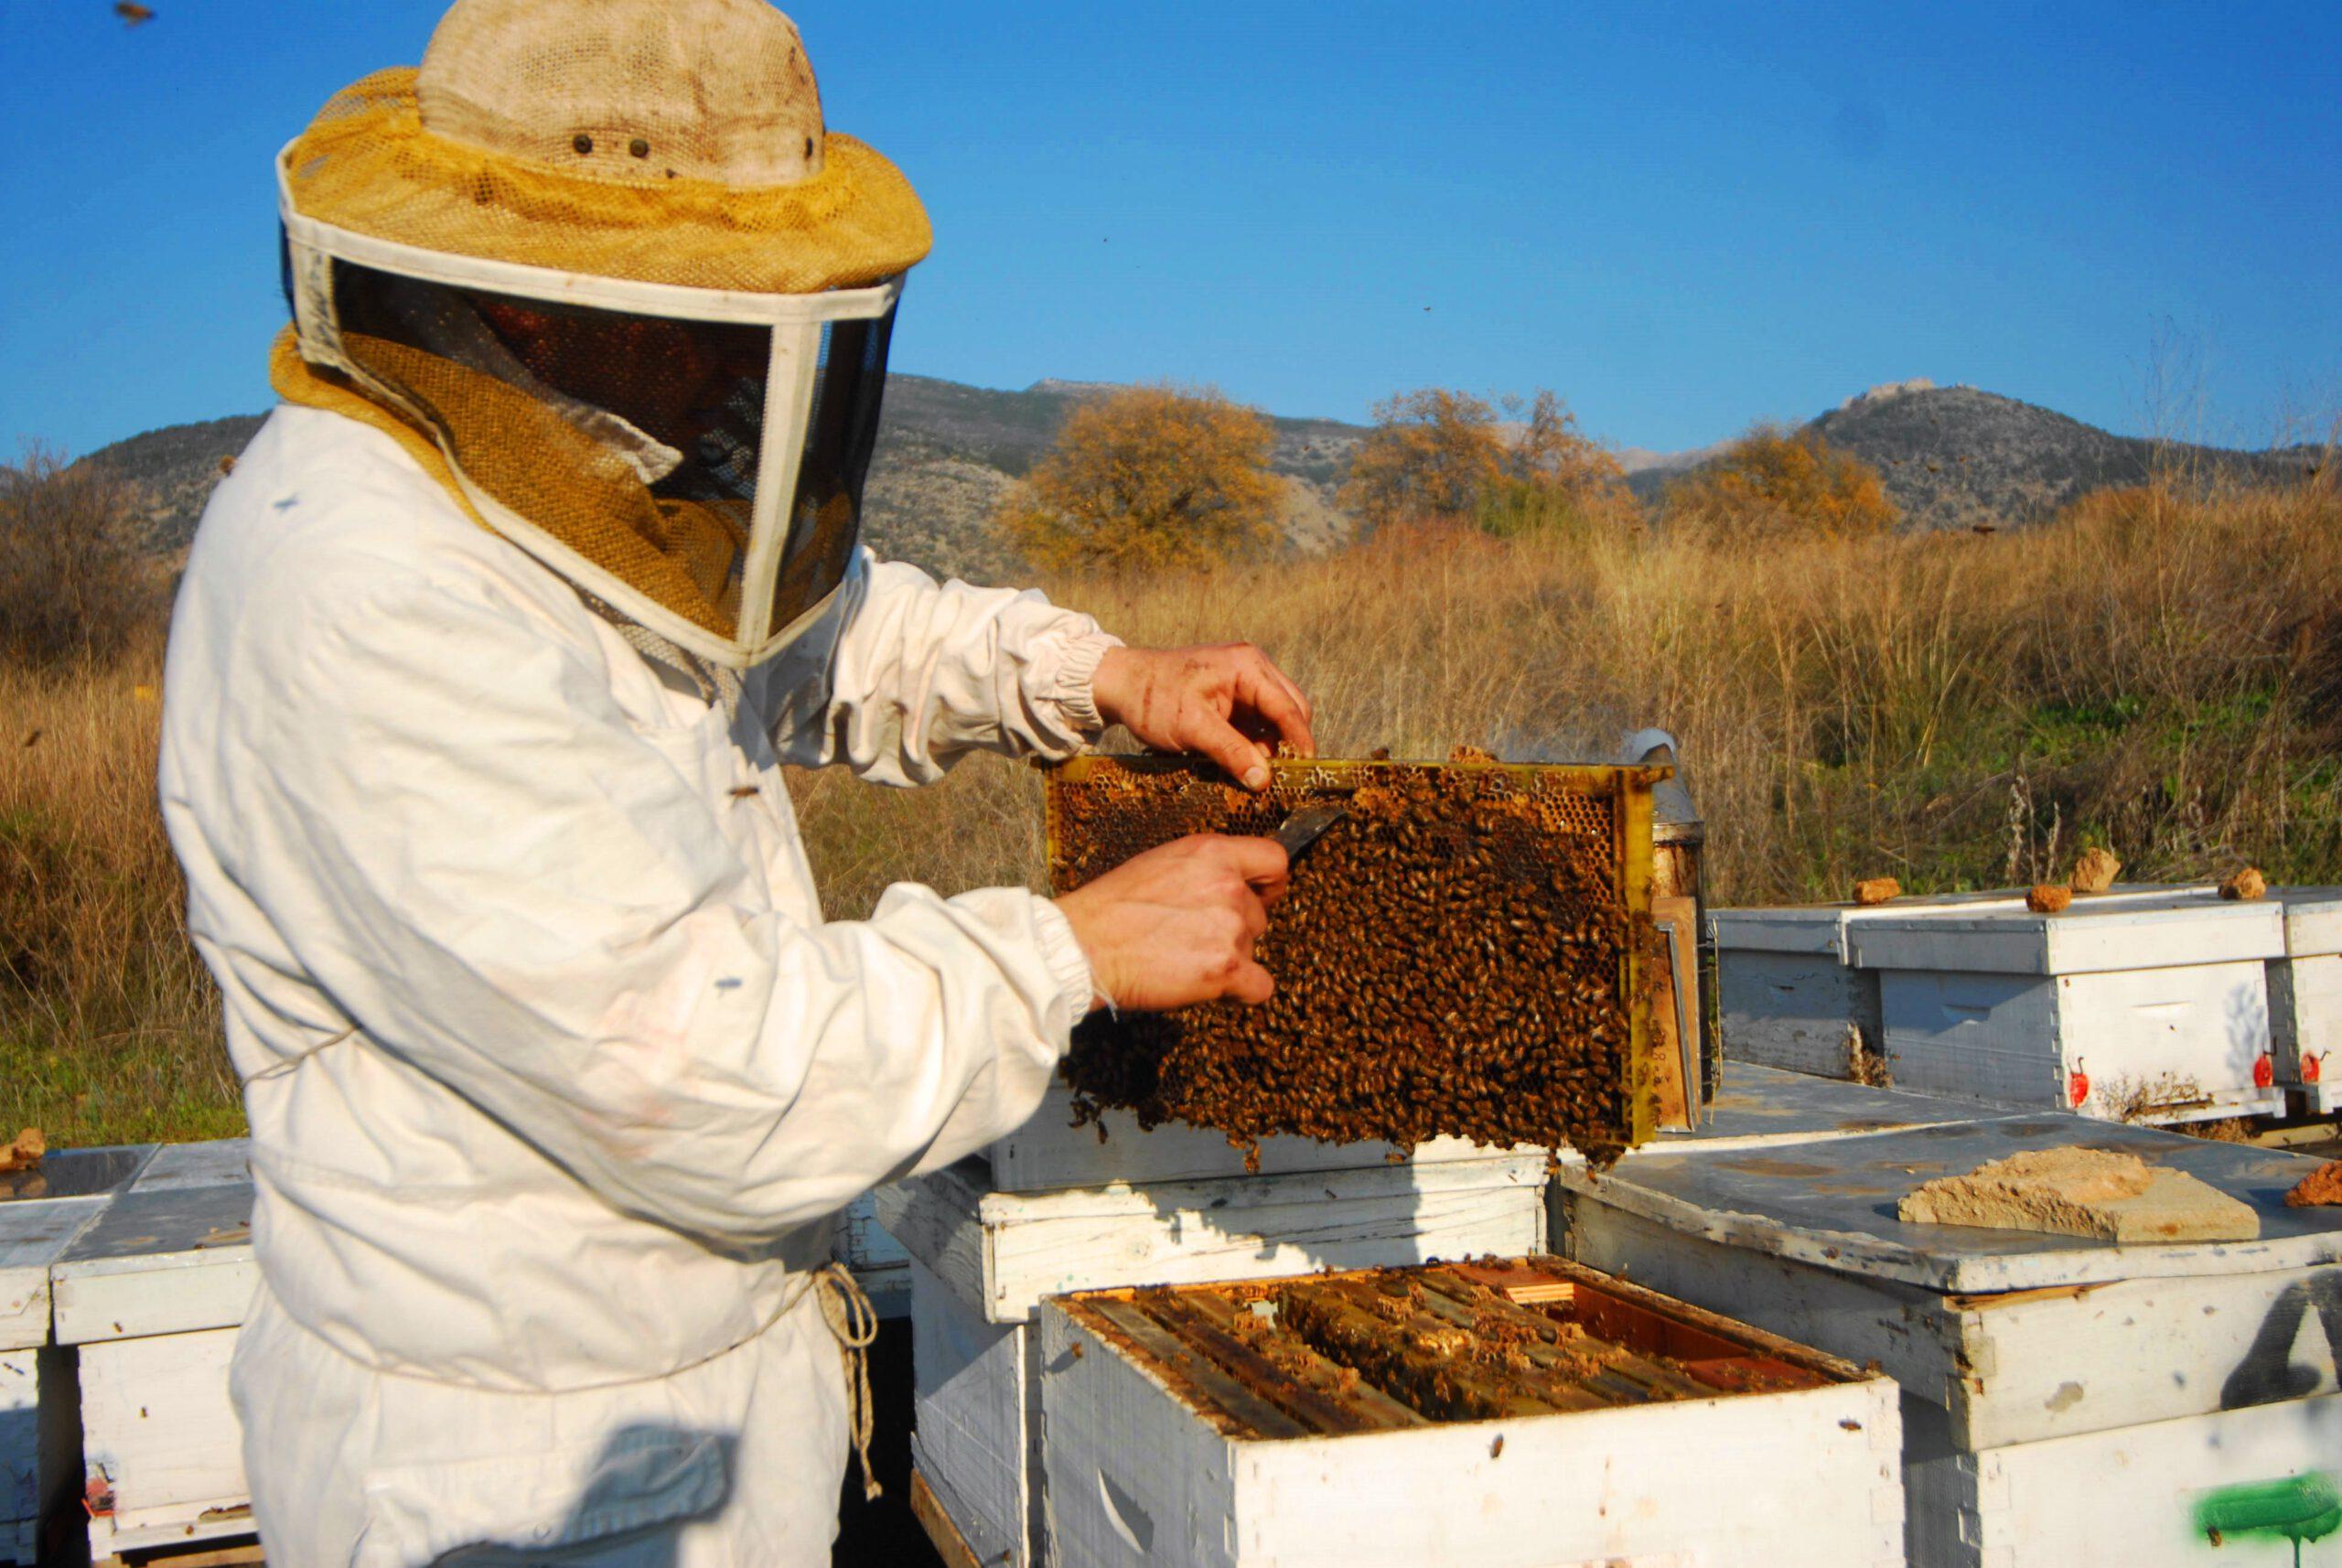 מועצת הדבש: דבורי הדבש ממשיכות להפתיע עם מחקר חדש הקובע כי הארס המועבר בעקיצת הדבורה מסוגל להרוג תאי סרטן שד